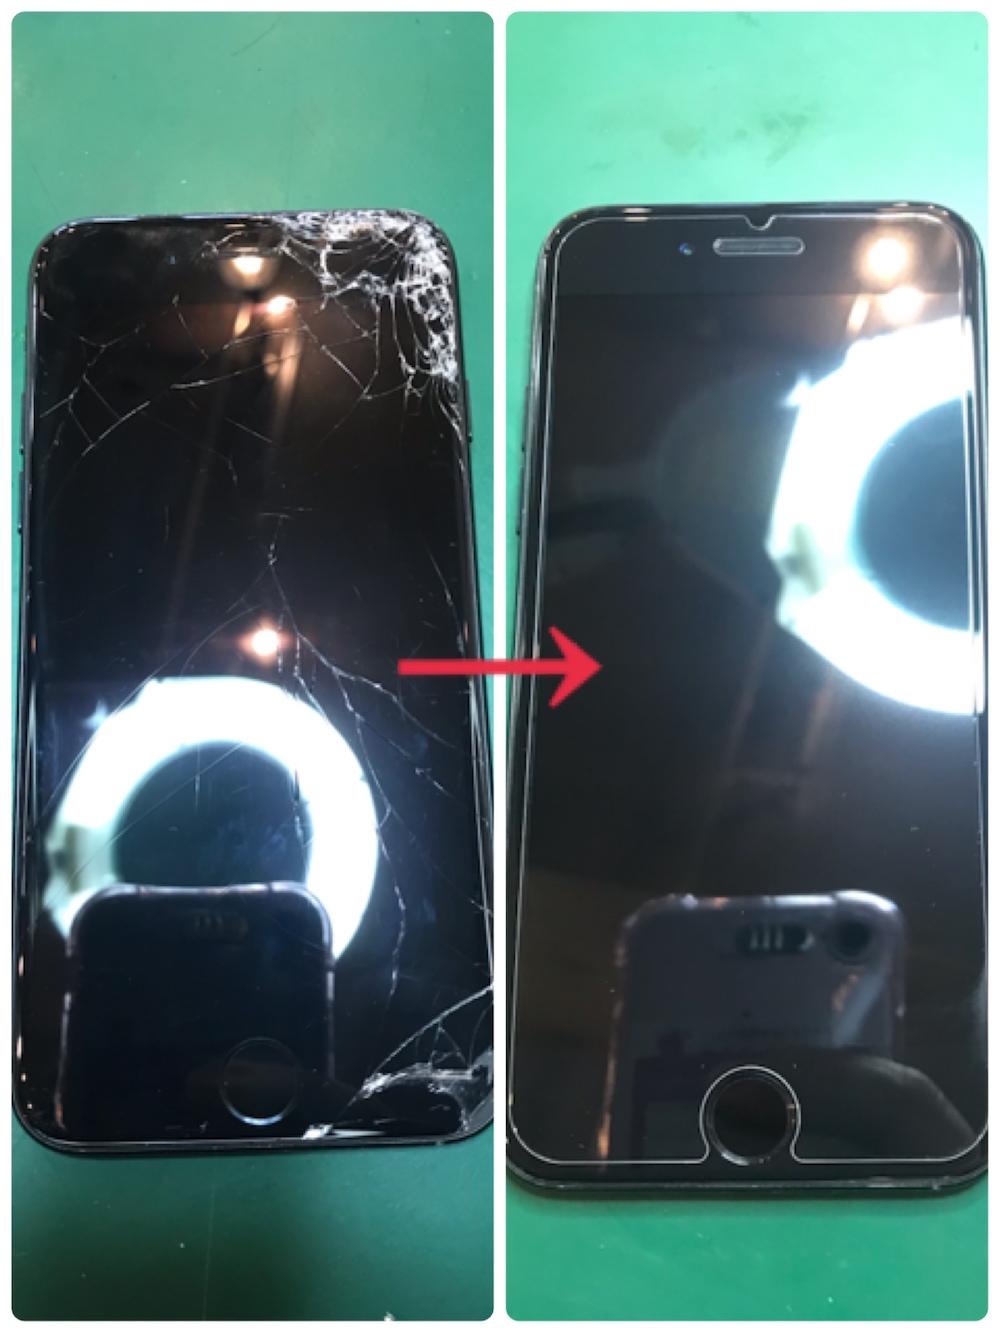 91afbb09fc そしてお食事している間にもちろん修理終わっちゃいます!! オススメスポット聞きながら iPhone修理しちゃいましょう(・∀・)